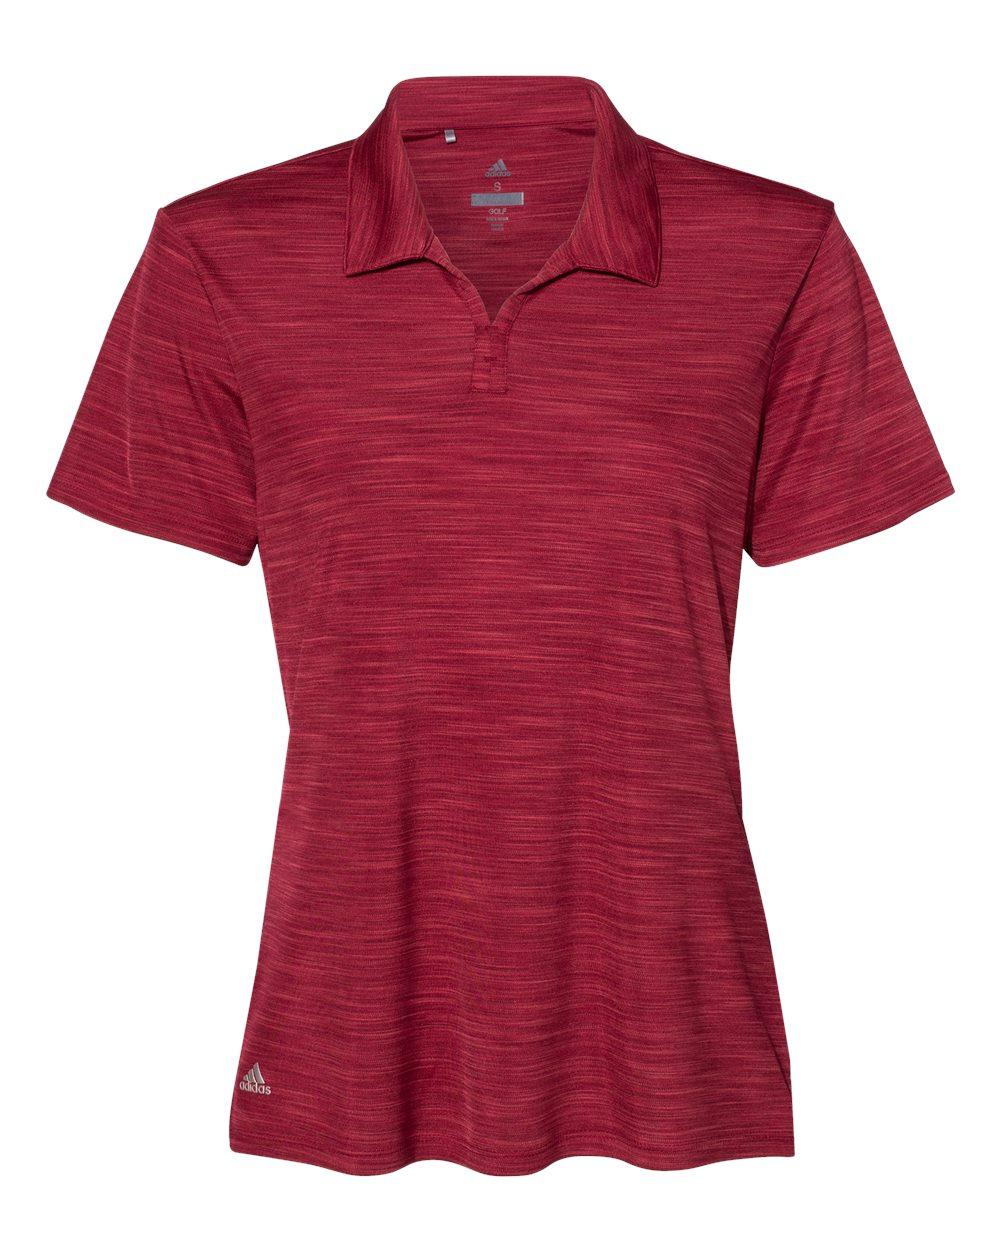 Adidas A403 - Women's Melange Sport Shirt